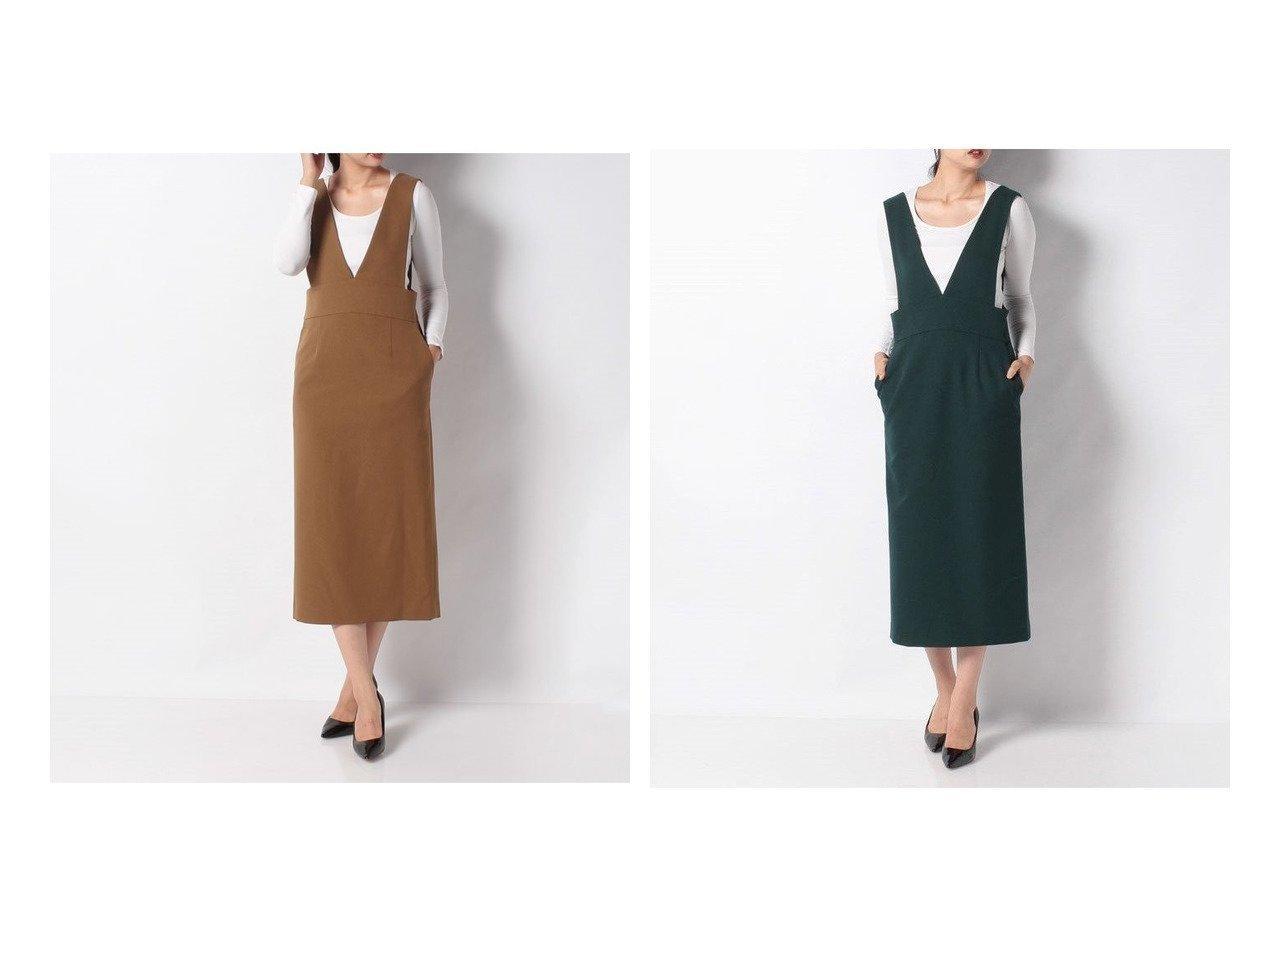 【allureville/アルアバイル】のVネックオーバースカート スカートのおすすめ!人気、トレンド・レディースファッションの通販 おすすめで人気の流行・トレンド、ファッションの通販商品 メンズファッション・キッズファッション・インテリア・家具・レディースファッション・服の通販 founy(ファニー) https://founy.com/ ファッション Fashion レディースファッション WOMEN スカート Skirt ストレート  ID:crp329100000010771